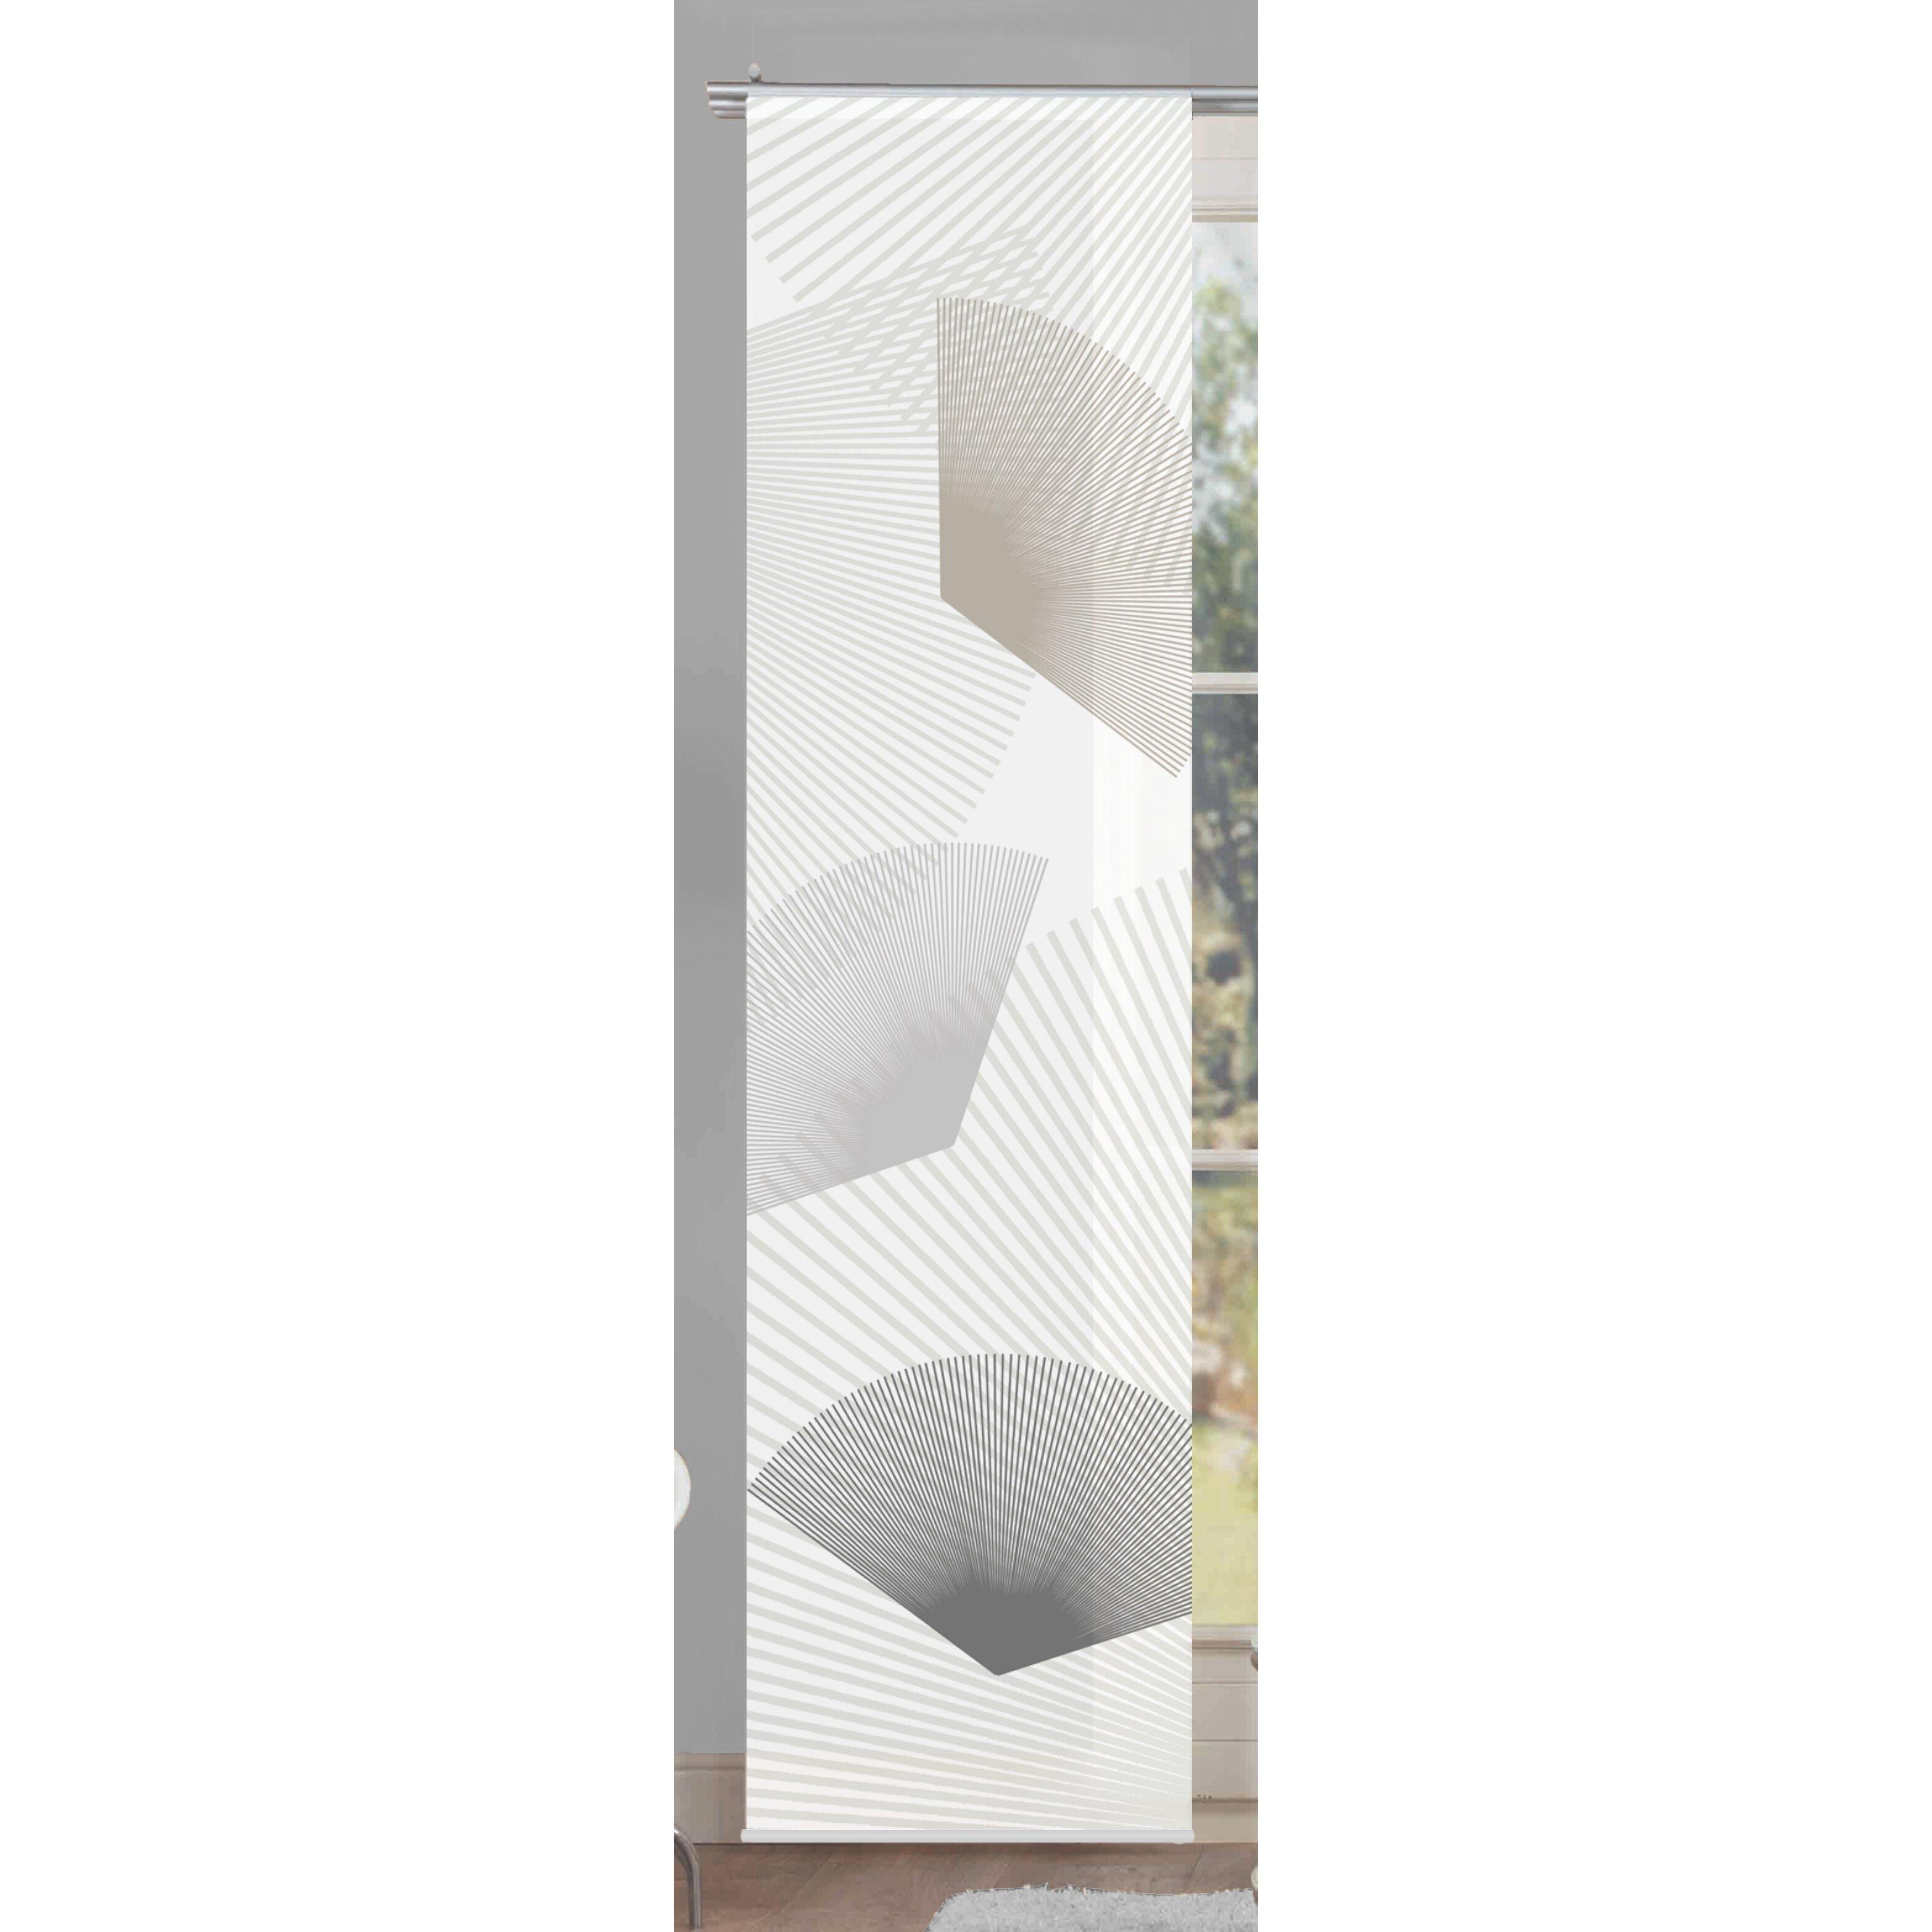 schiebvorhang barletta von home wohnideen. Black Bedroom Furniture Sets. Home Design Ideas